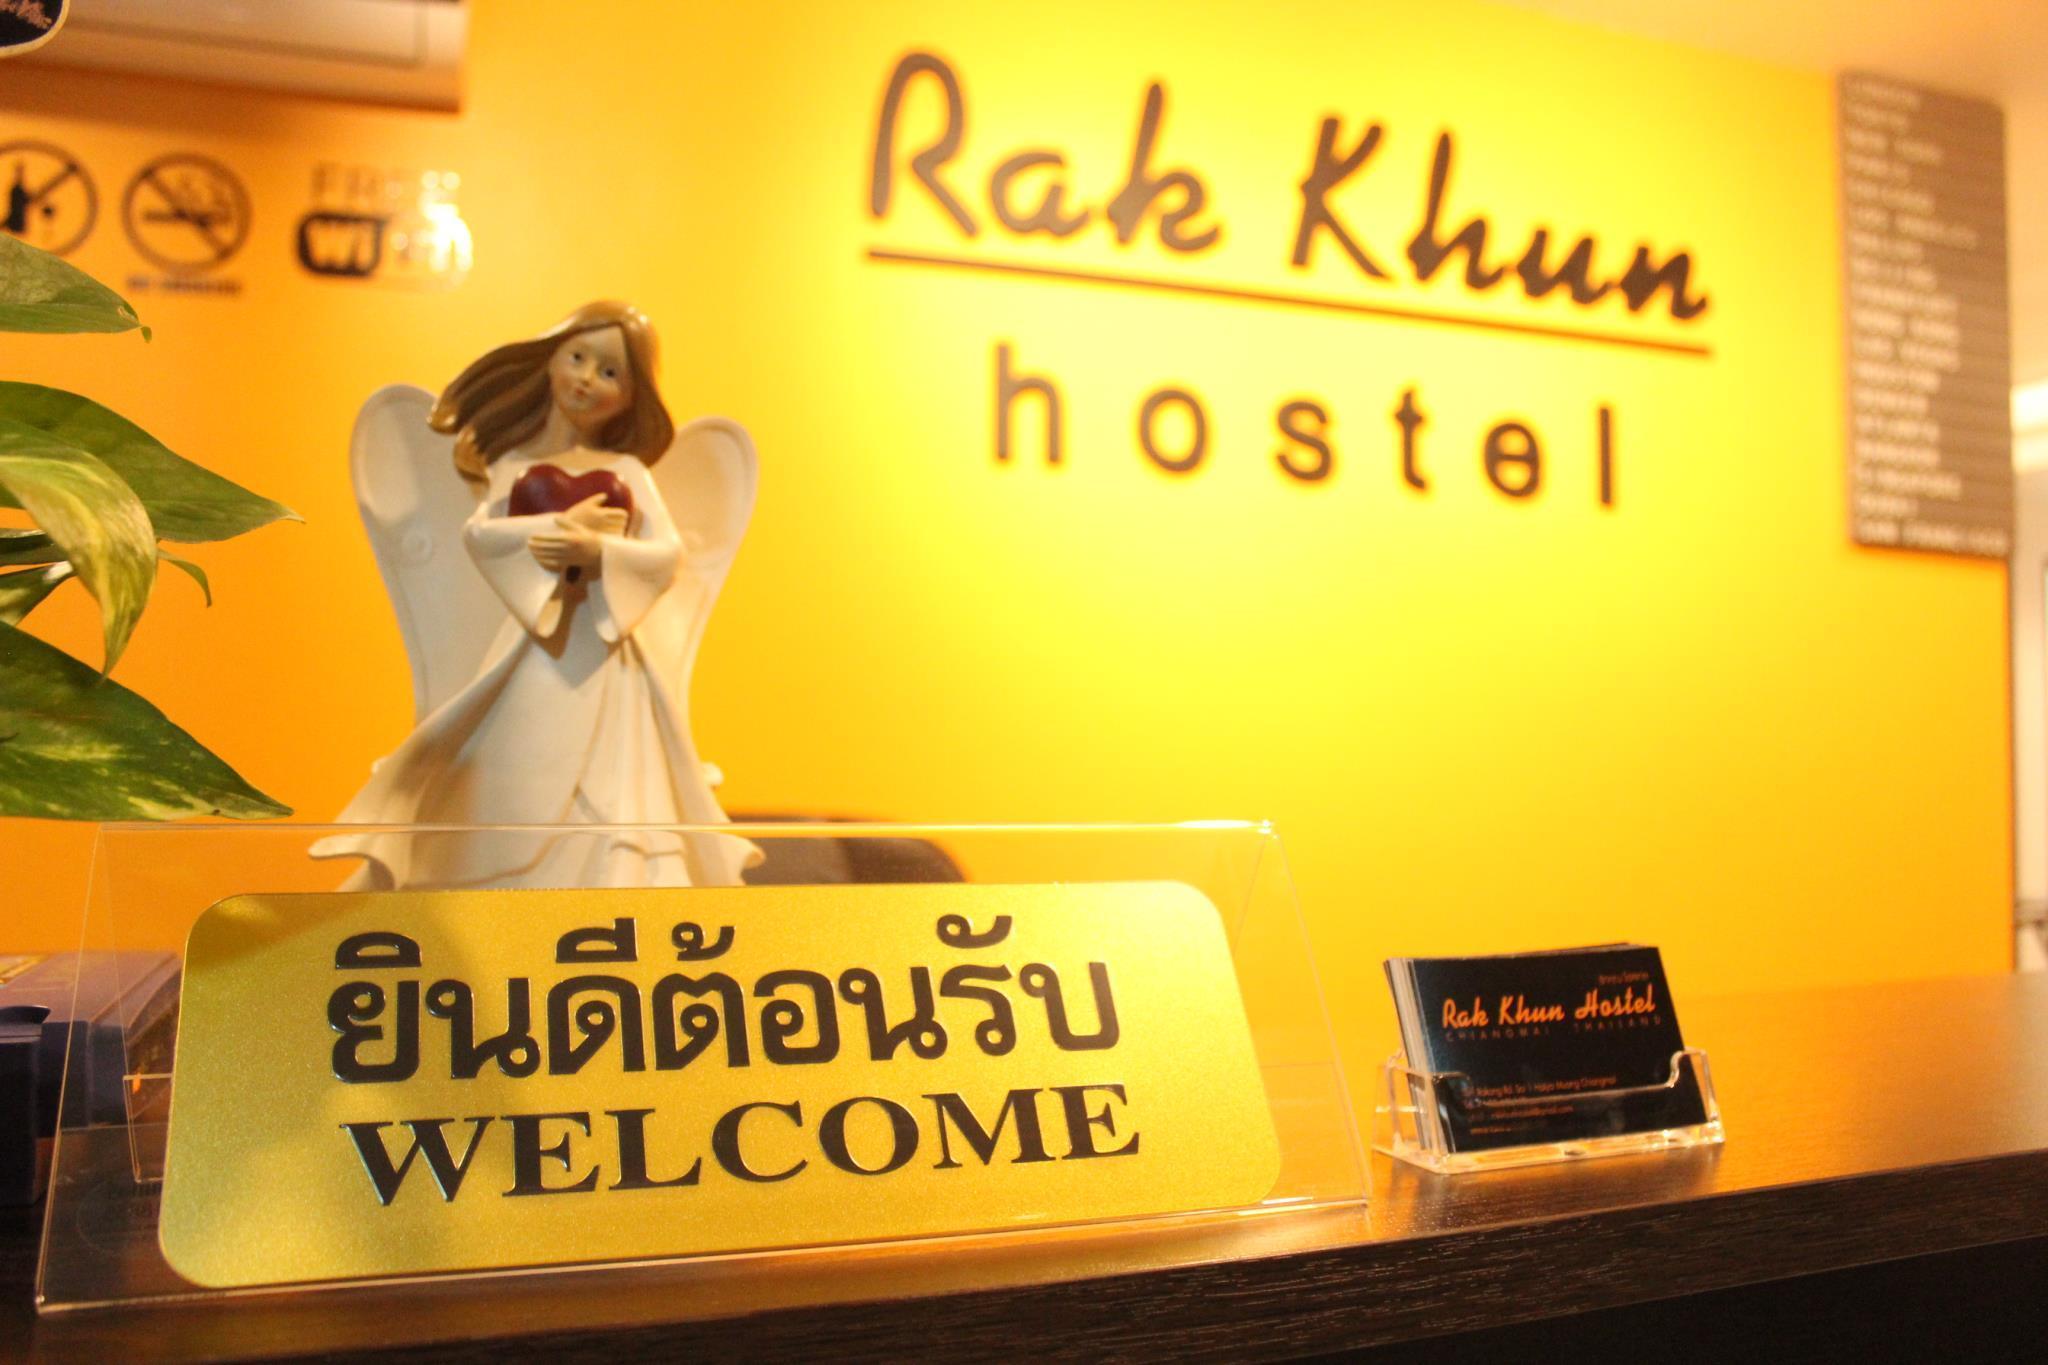 Rak Khun Hostel